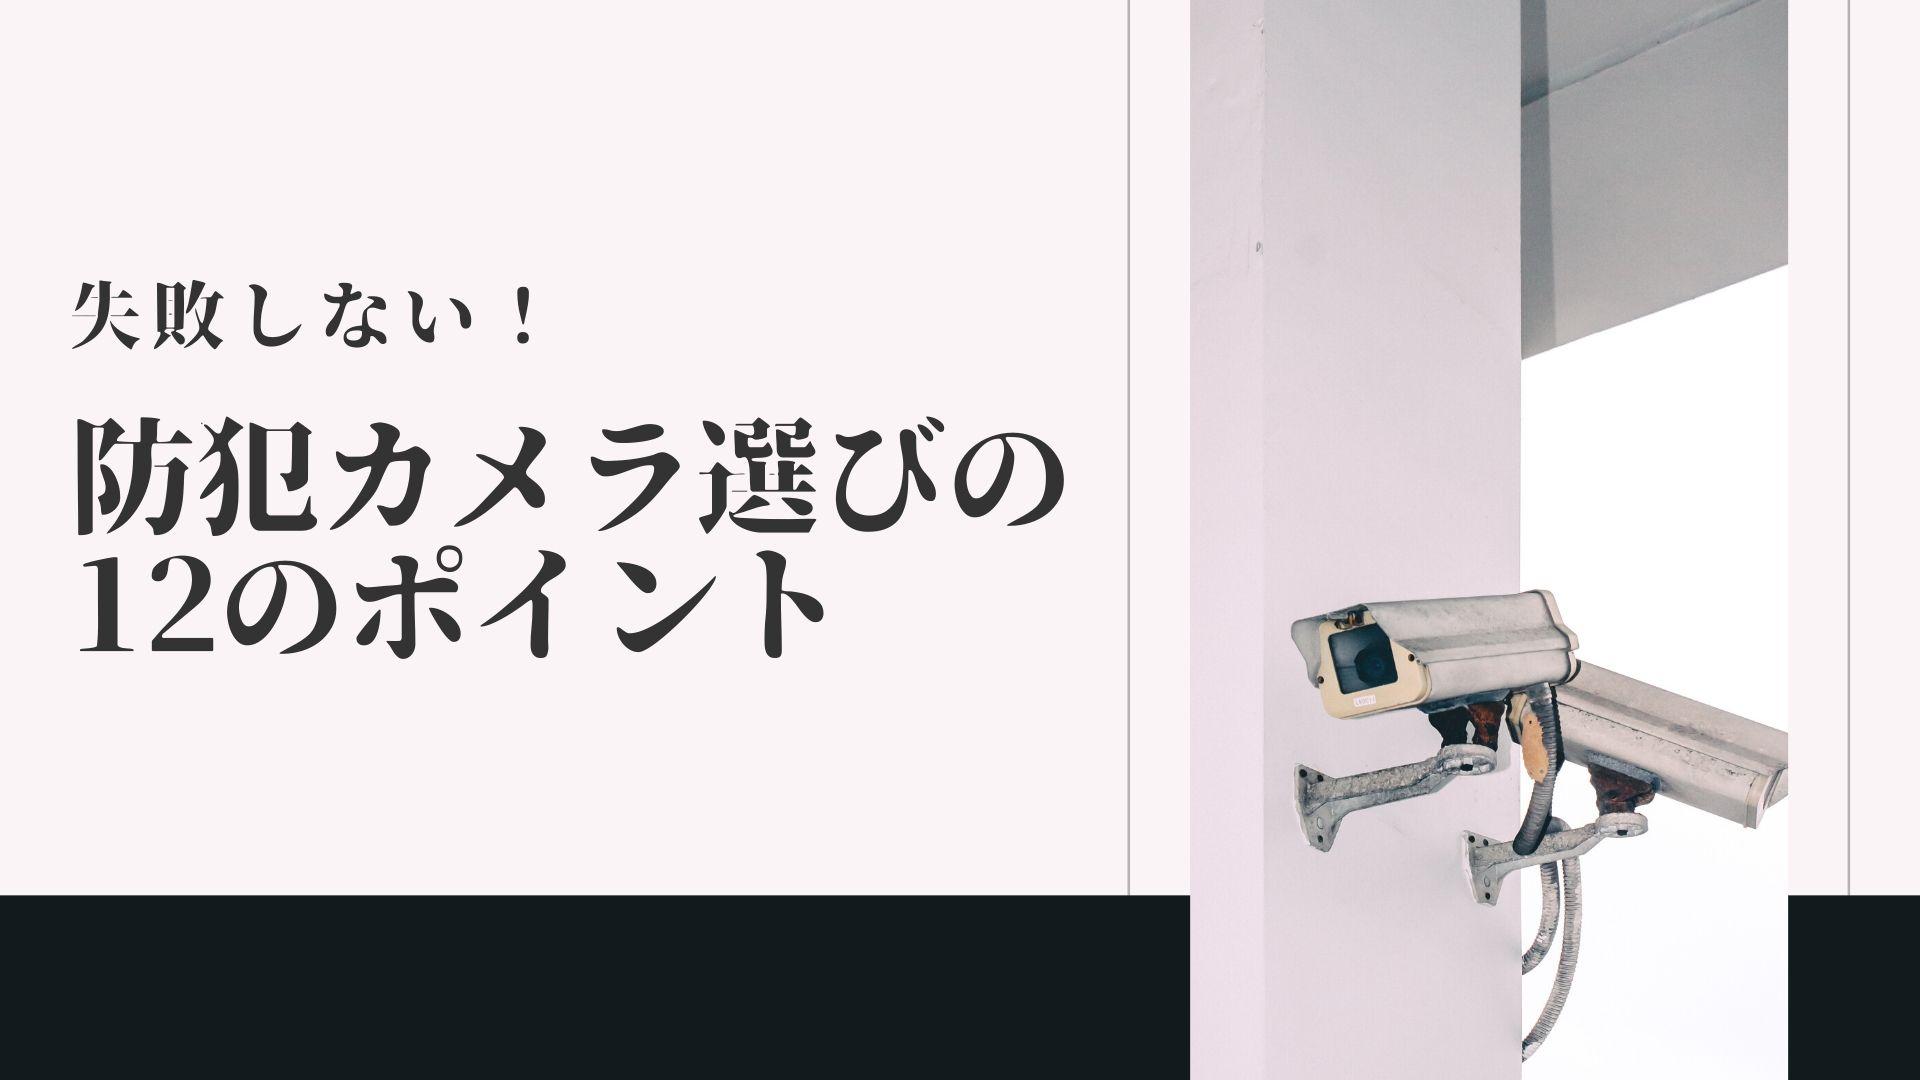 防犯カメラの設置業者と機種の選び方|防犯カメラ選びのポイント12